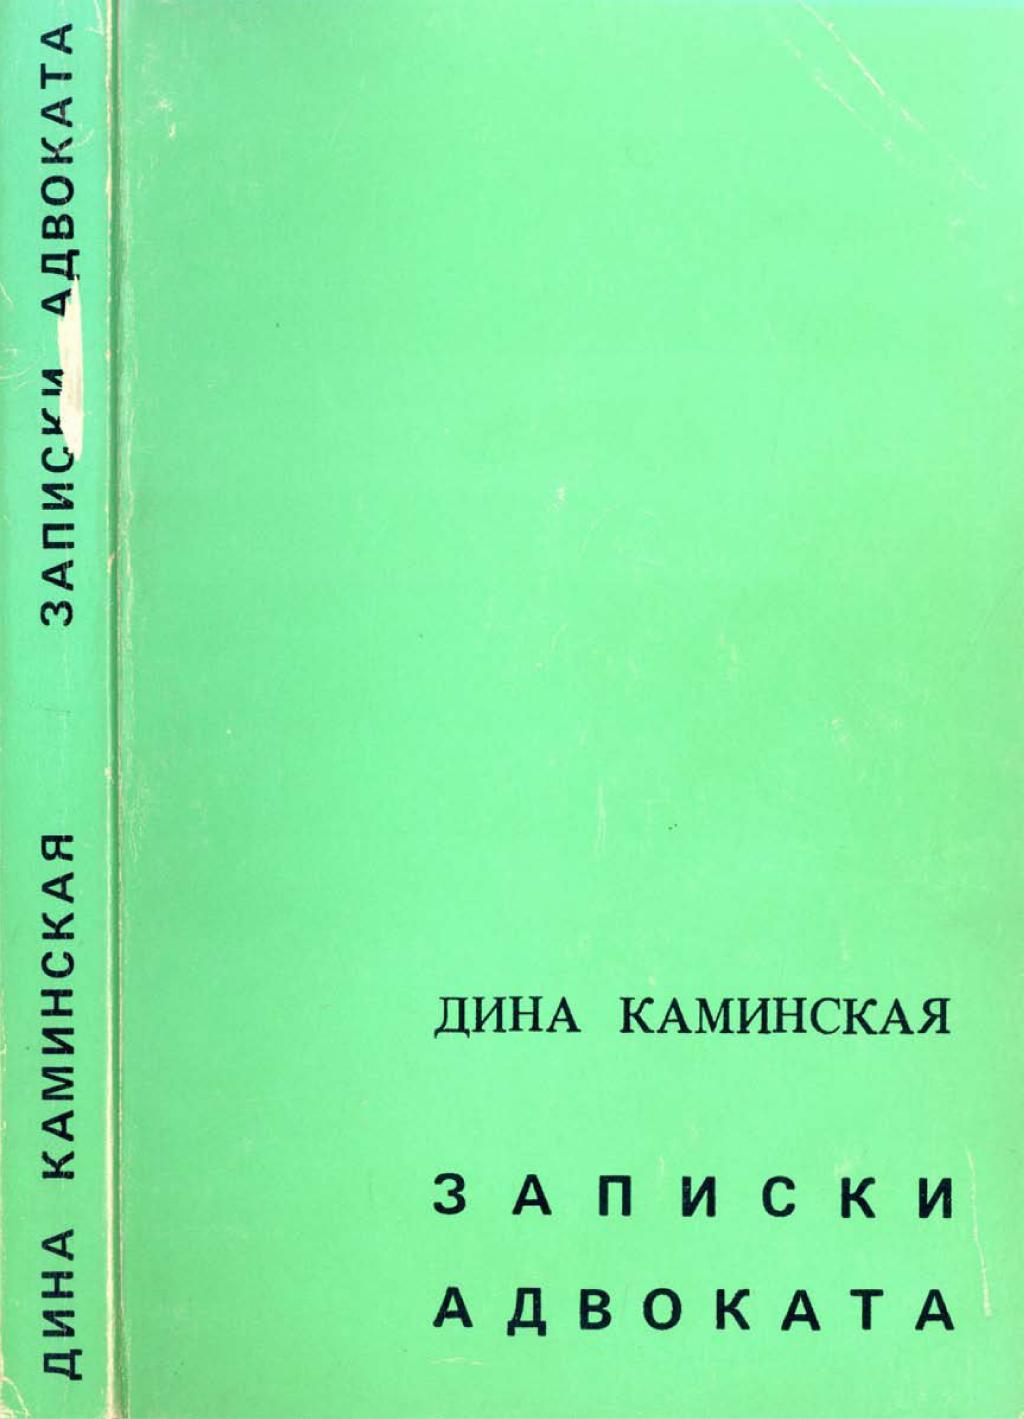 """Дина Каминская """"Записки адвоката"""" - биография, фото в молодости"""